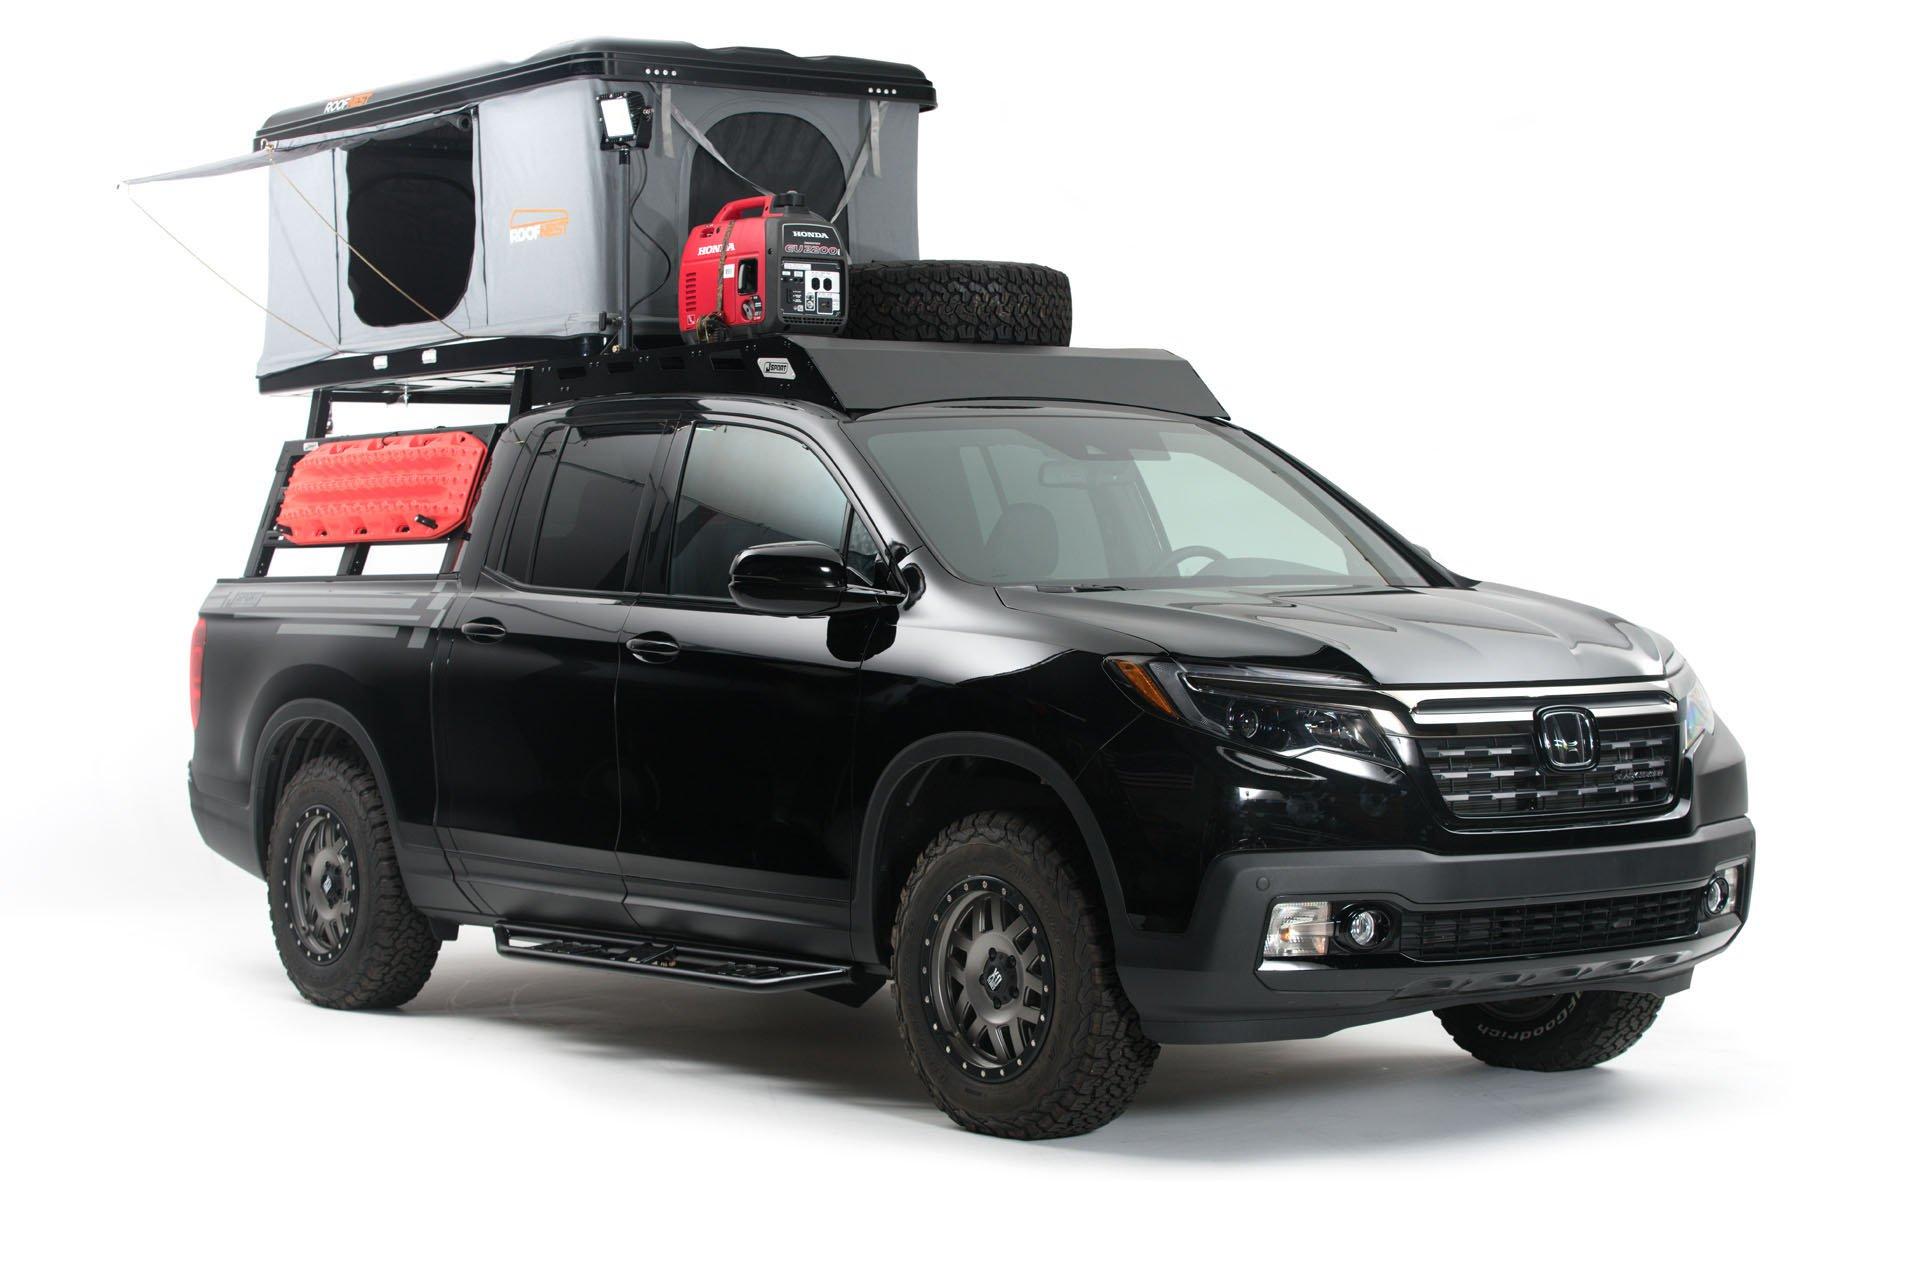 Пикап Honda Ridgeline превратился в палатку на колёсах ради выставки SEMA